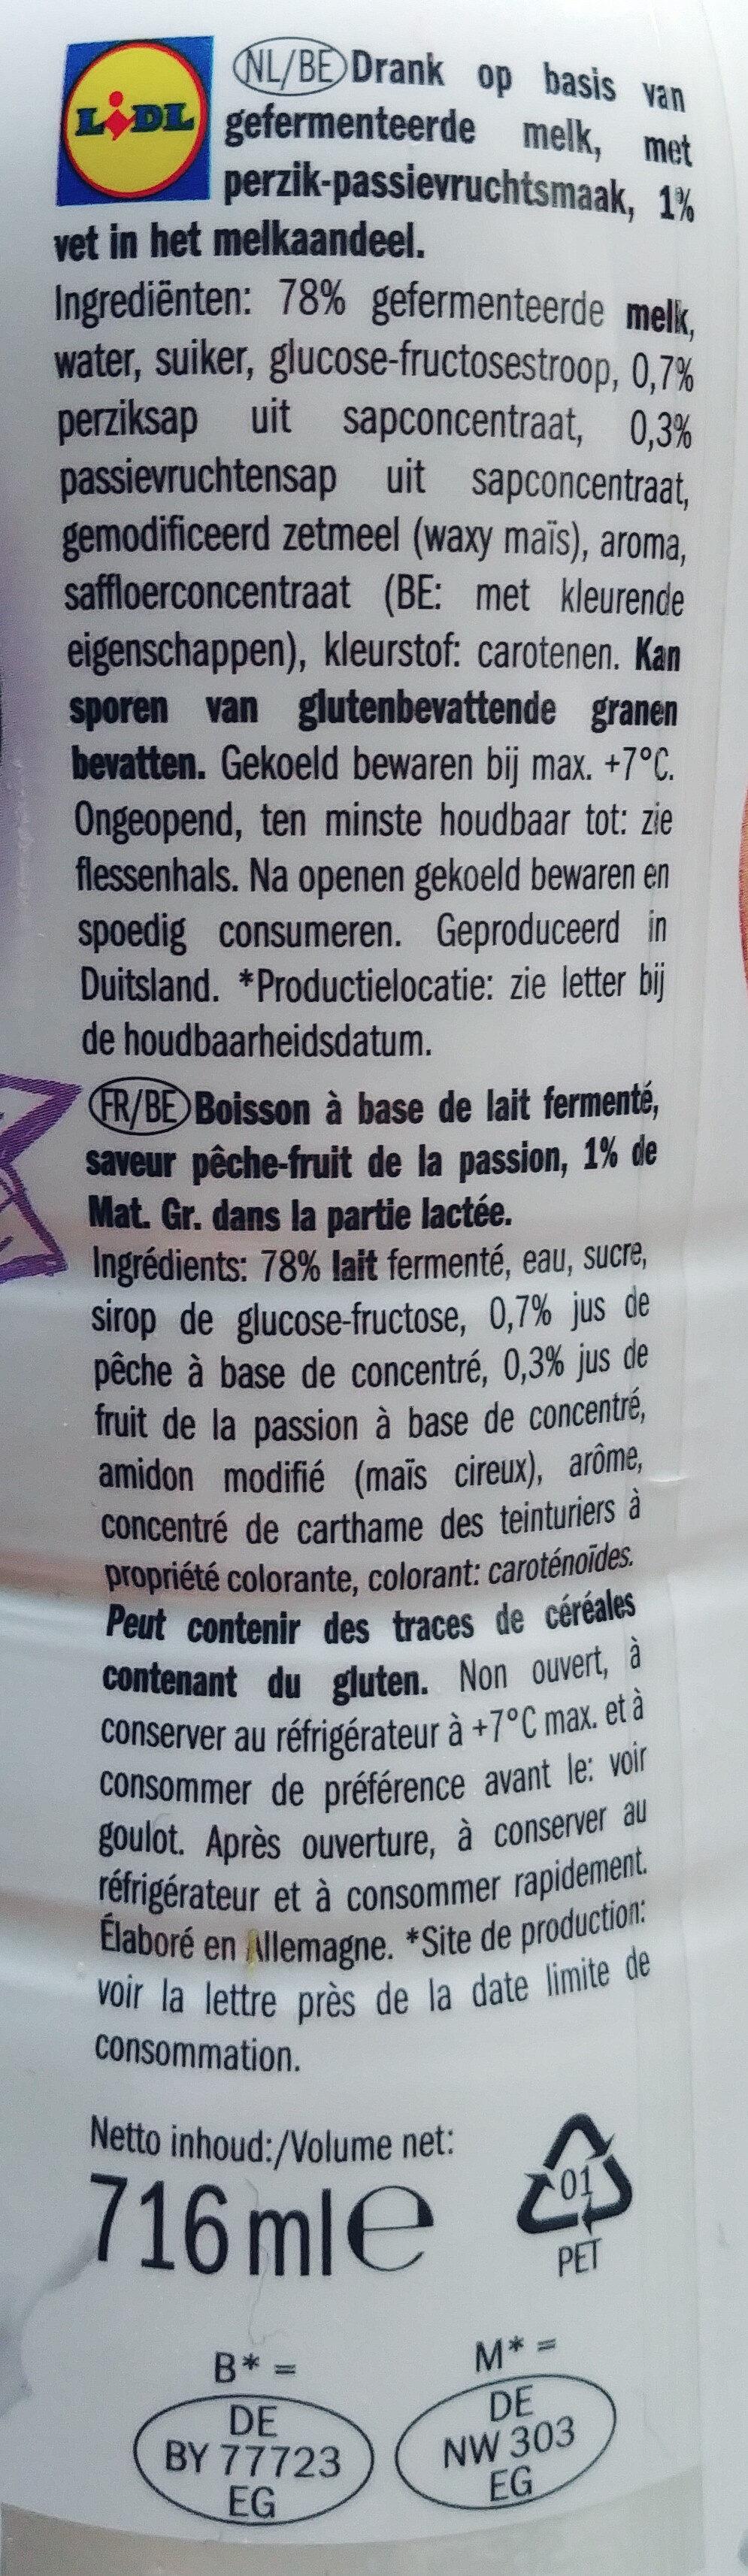 Oignons frits - Ingrediënten - fr